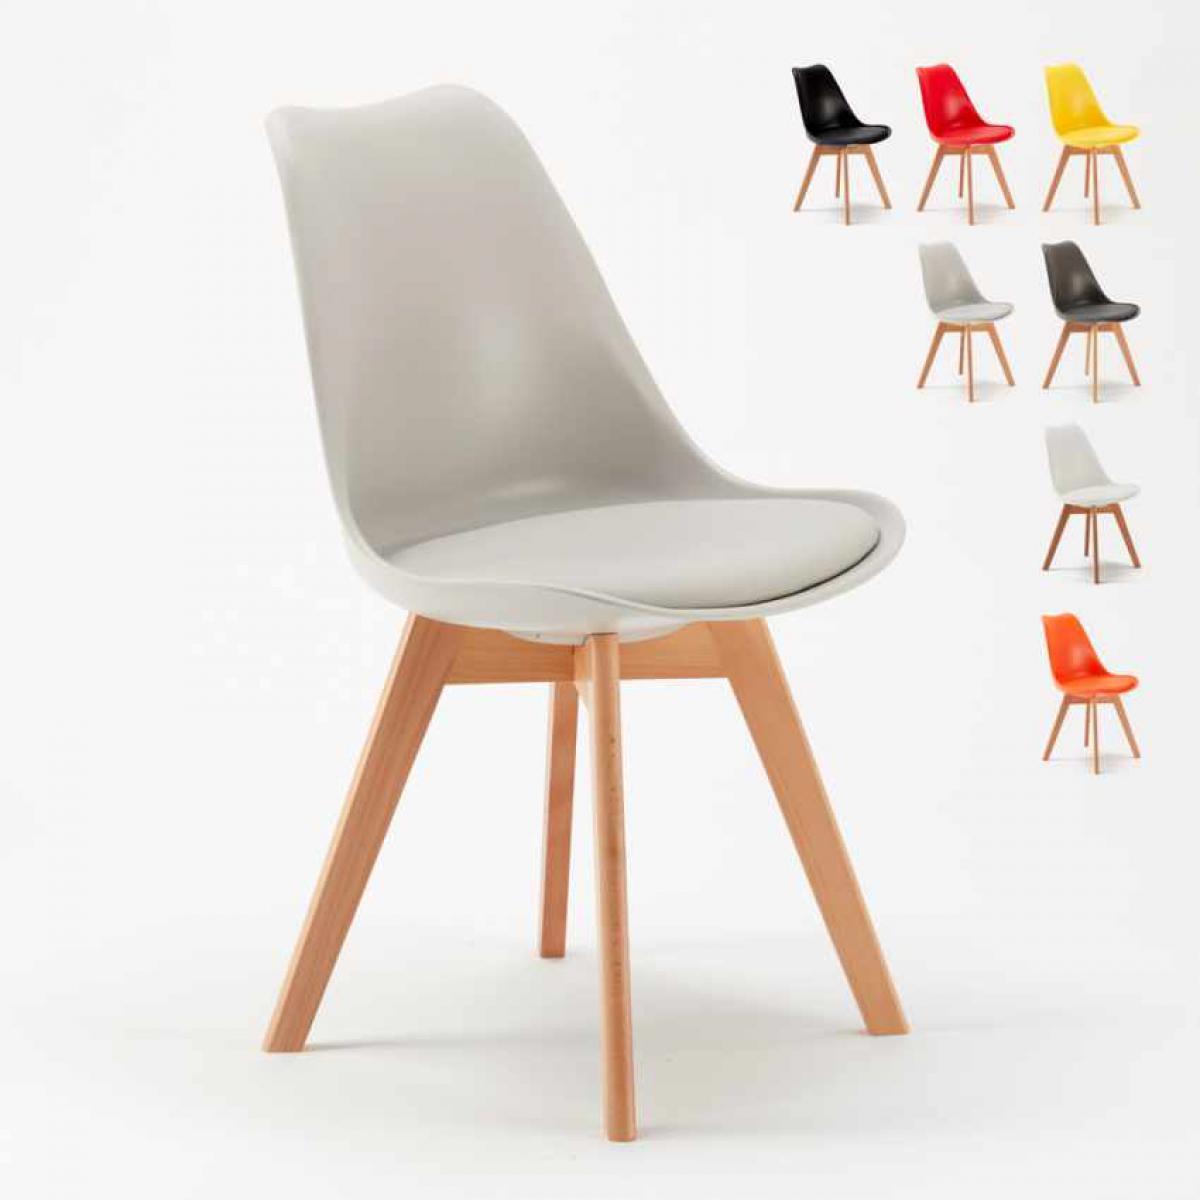 Ahd Amazing Home Design Chaise avec Coussin Scandinave NordicaTulip Bar et Salle à Manger, Couleur: Gris clair